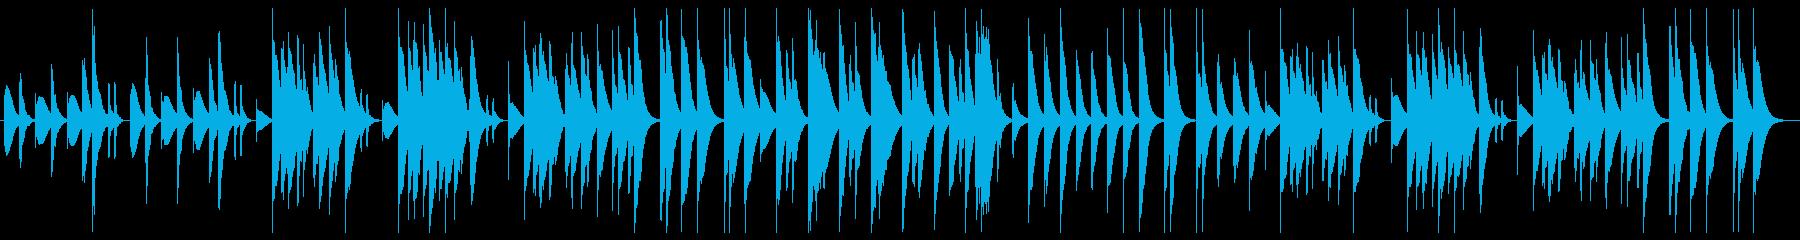 ほのぼのとしたマリンバの再生済みの波形